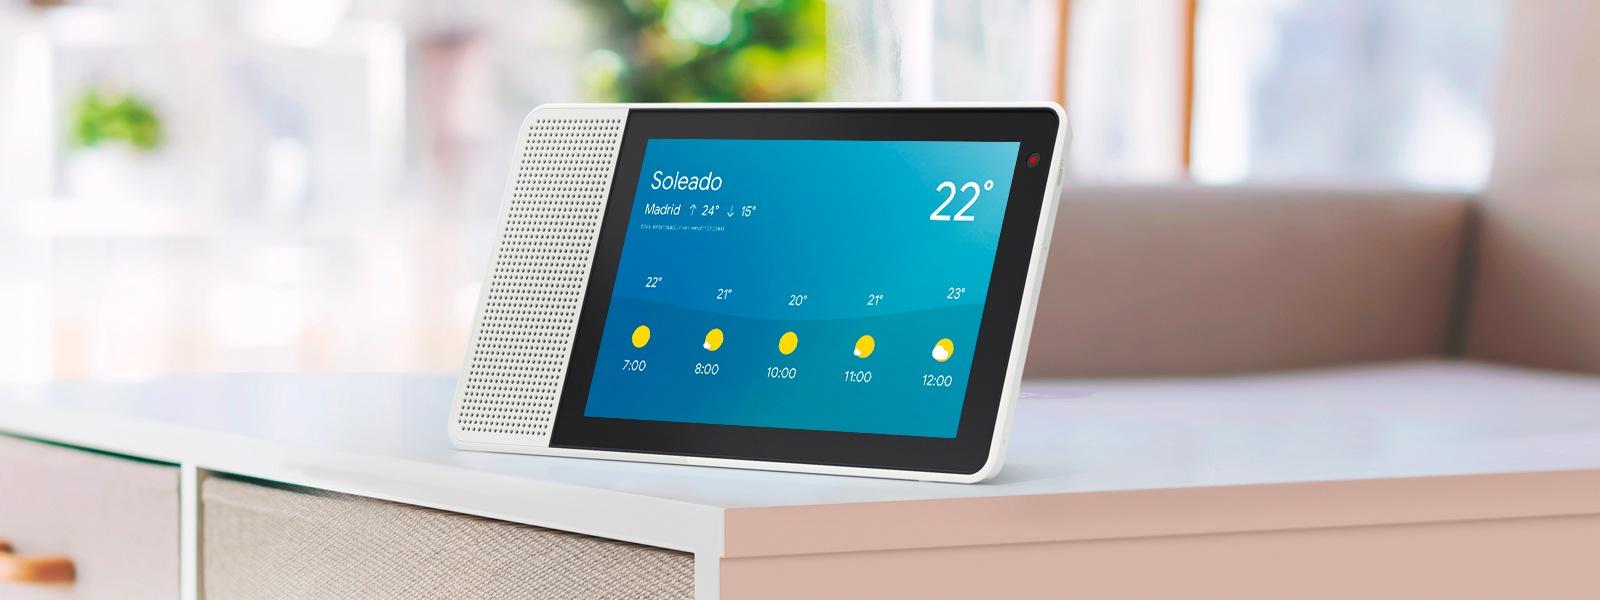 Lenovo Smart Display te prepara para afrontar la jornada con la previsión del tiempo.